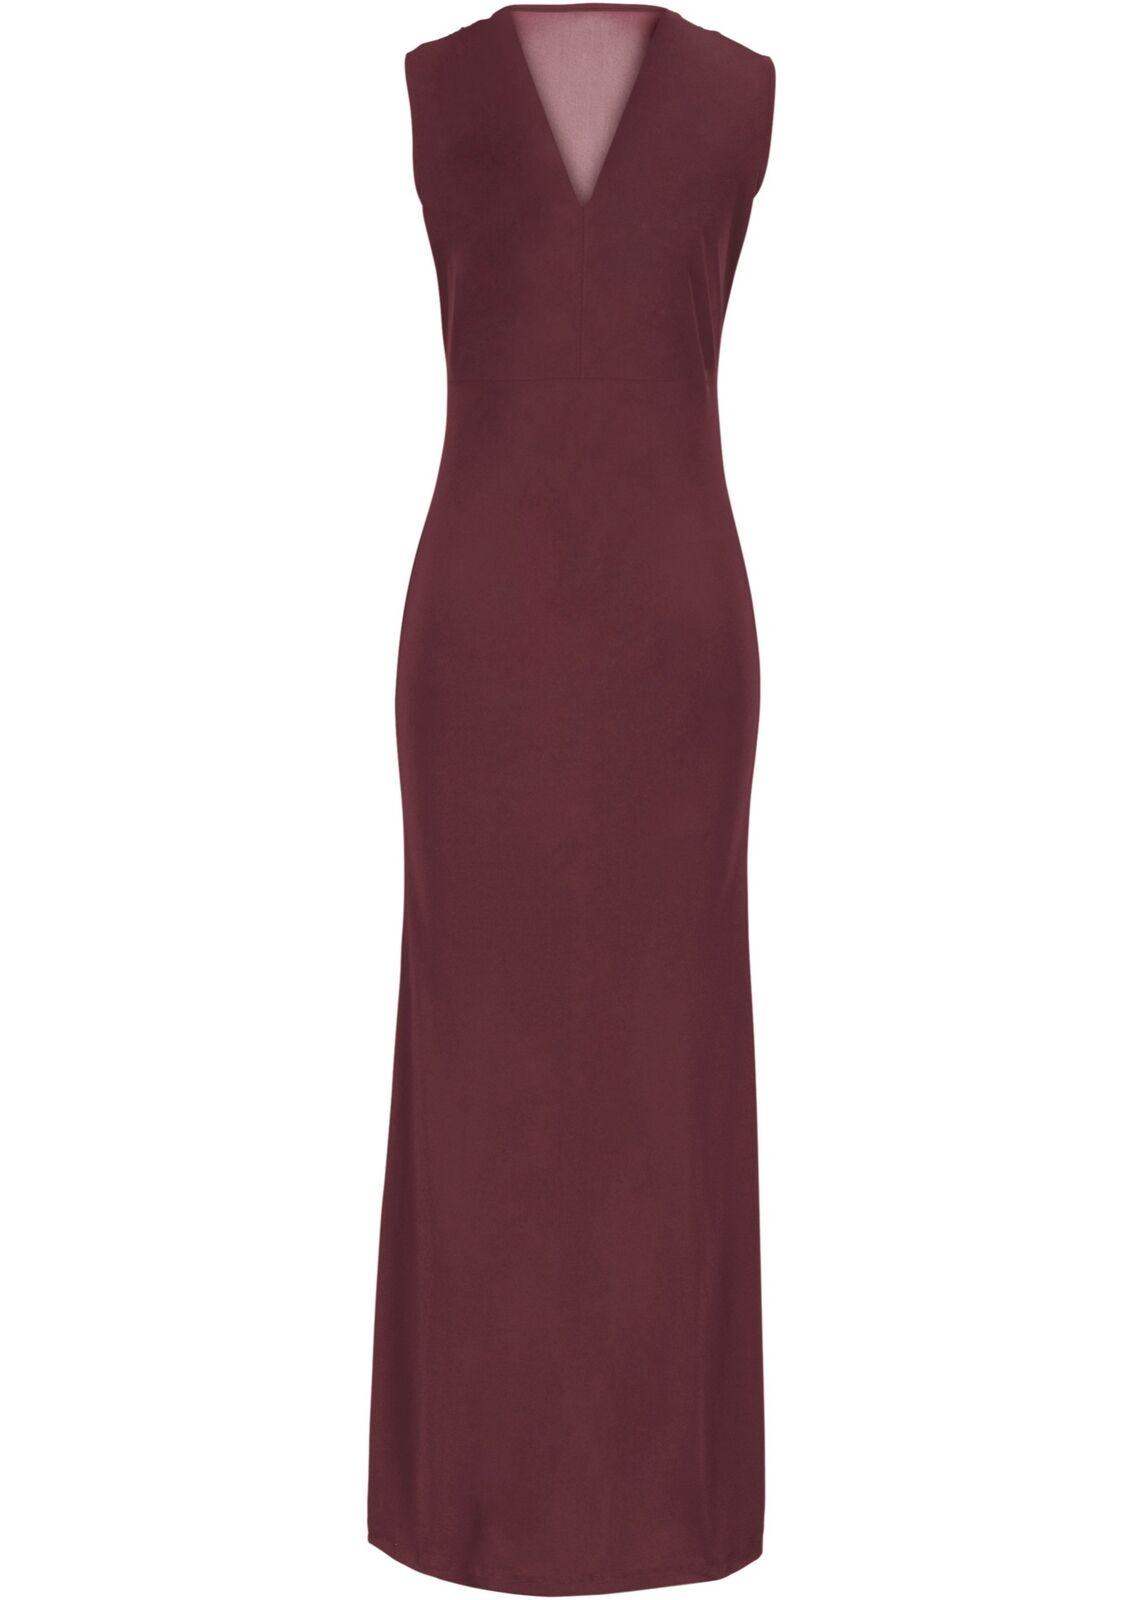 Abendkleid mit Schmucksteinverzierung Gr. 44 Ahornrot Damenkleid Maxi-Kleid Neu